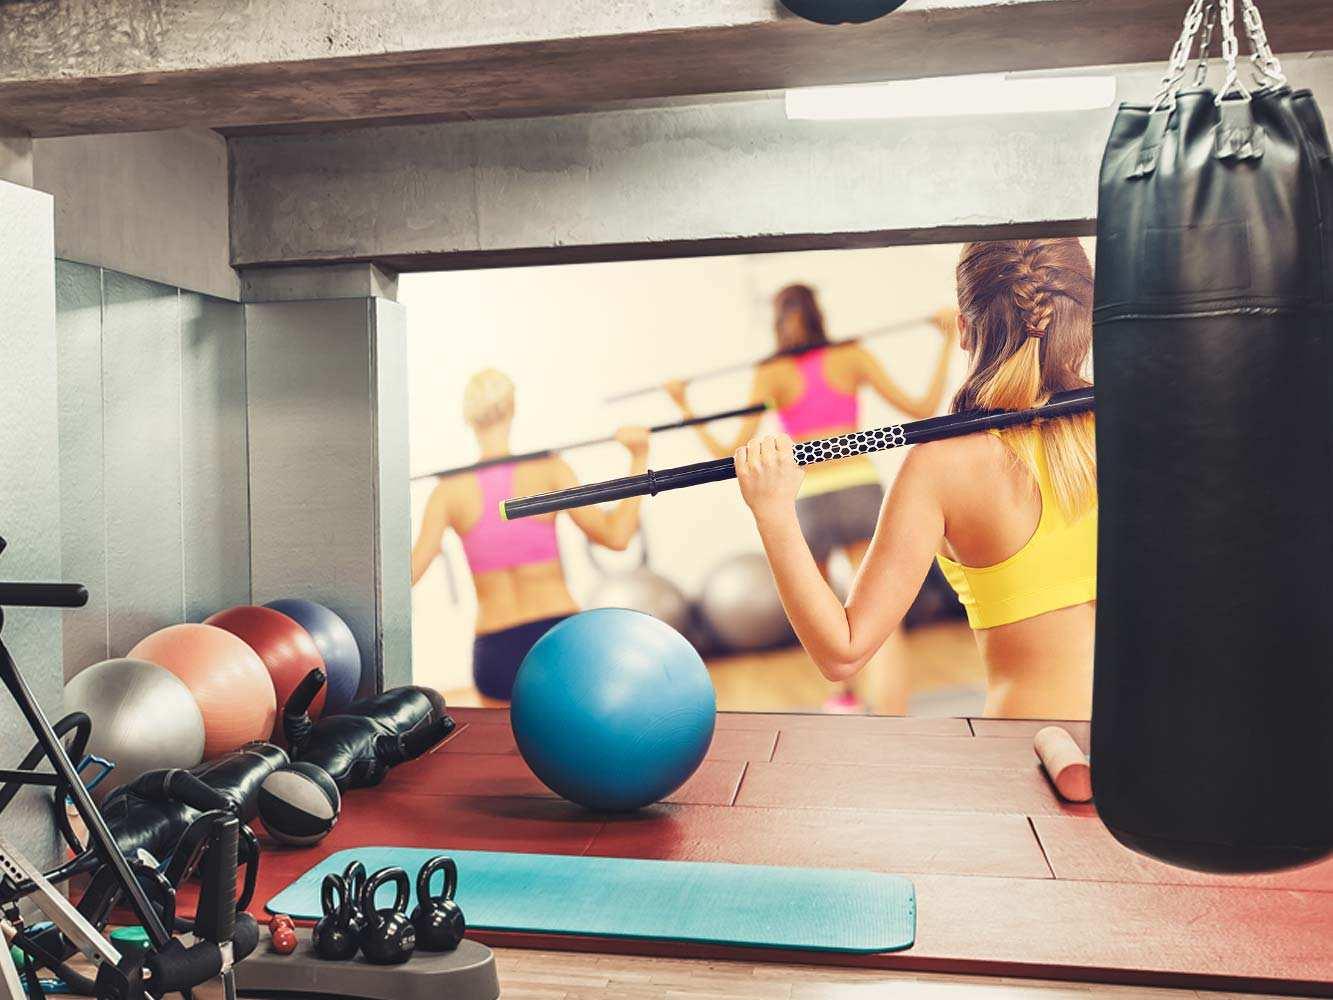 Fotomural Gimnasio Ejercicio Body Pump | Carteles XXL - Impresión carteleria publicitaria